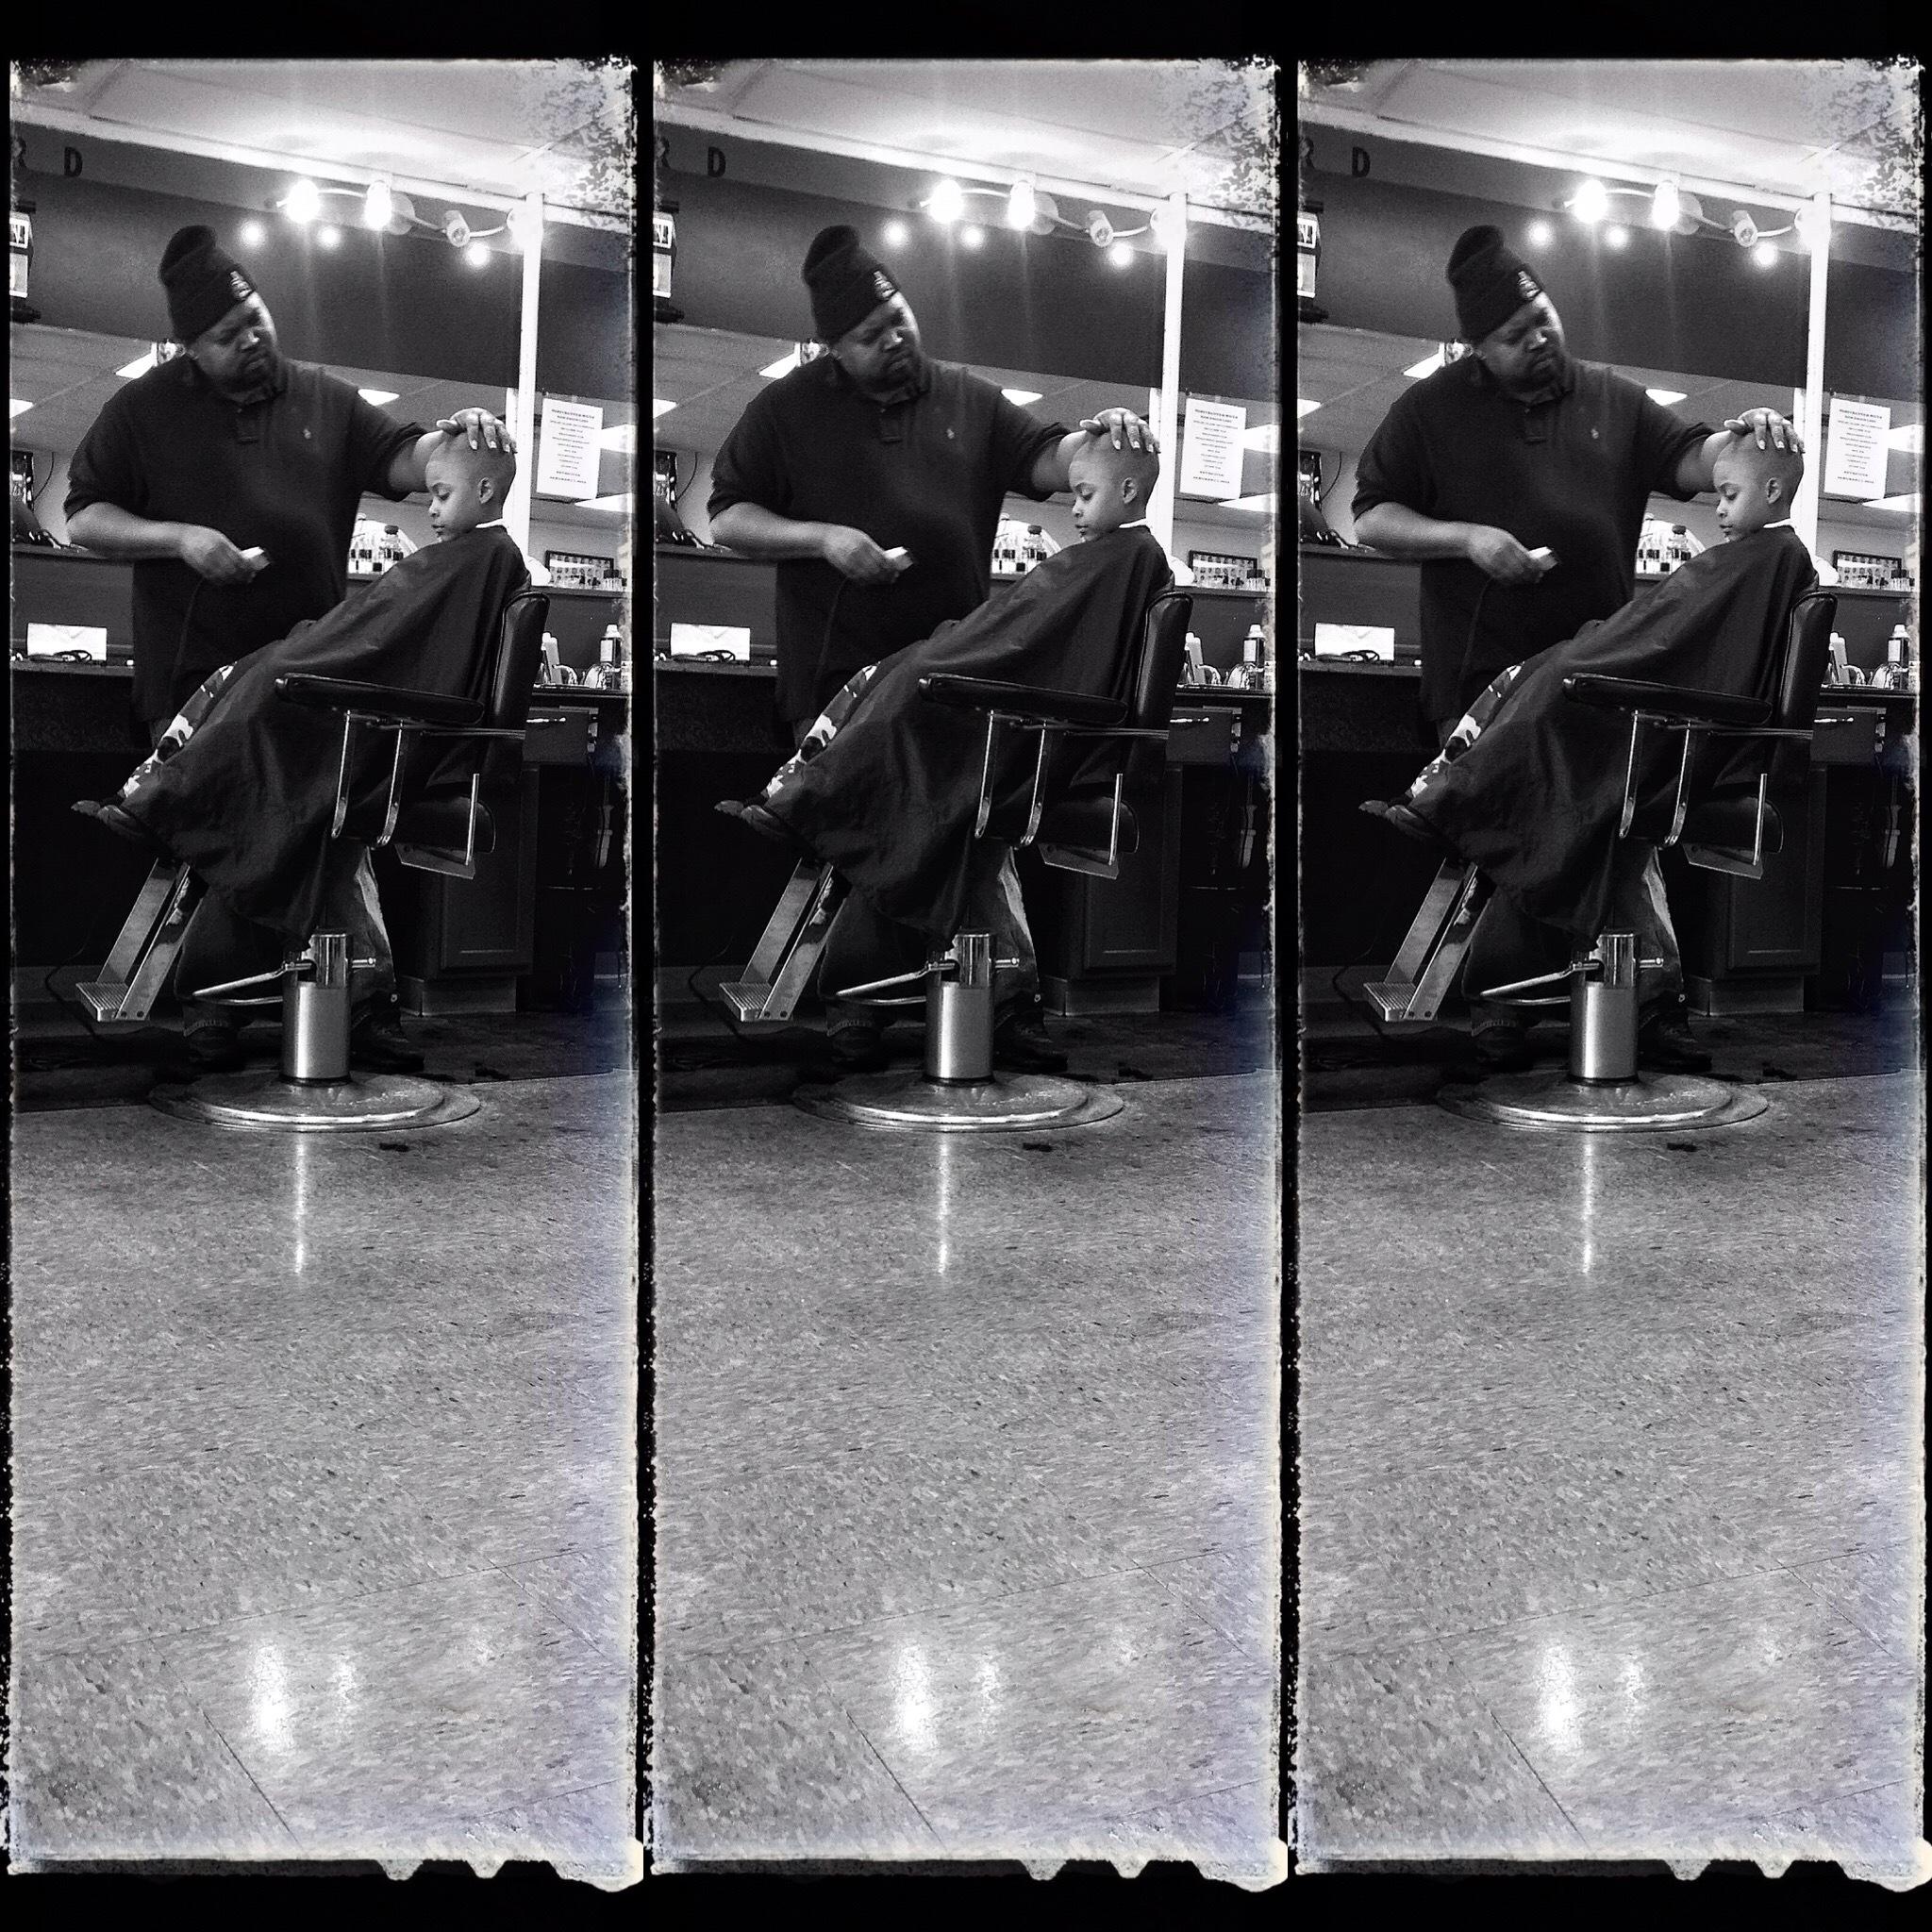 American Barbershop  by Walter Novak